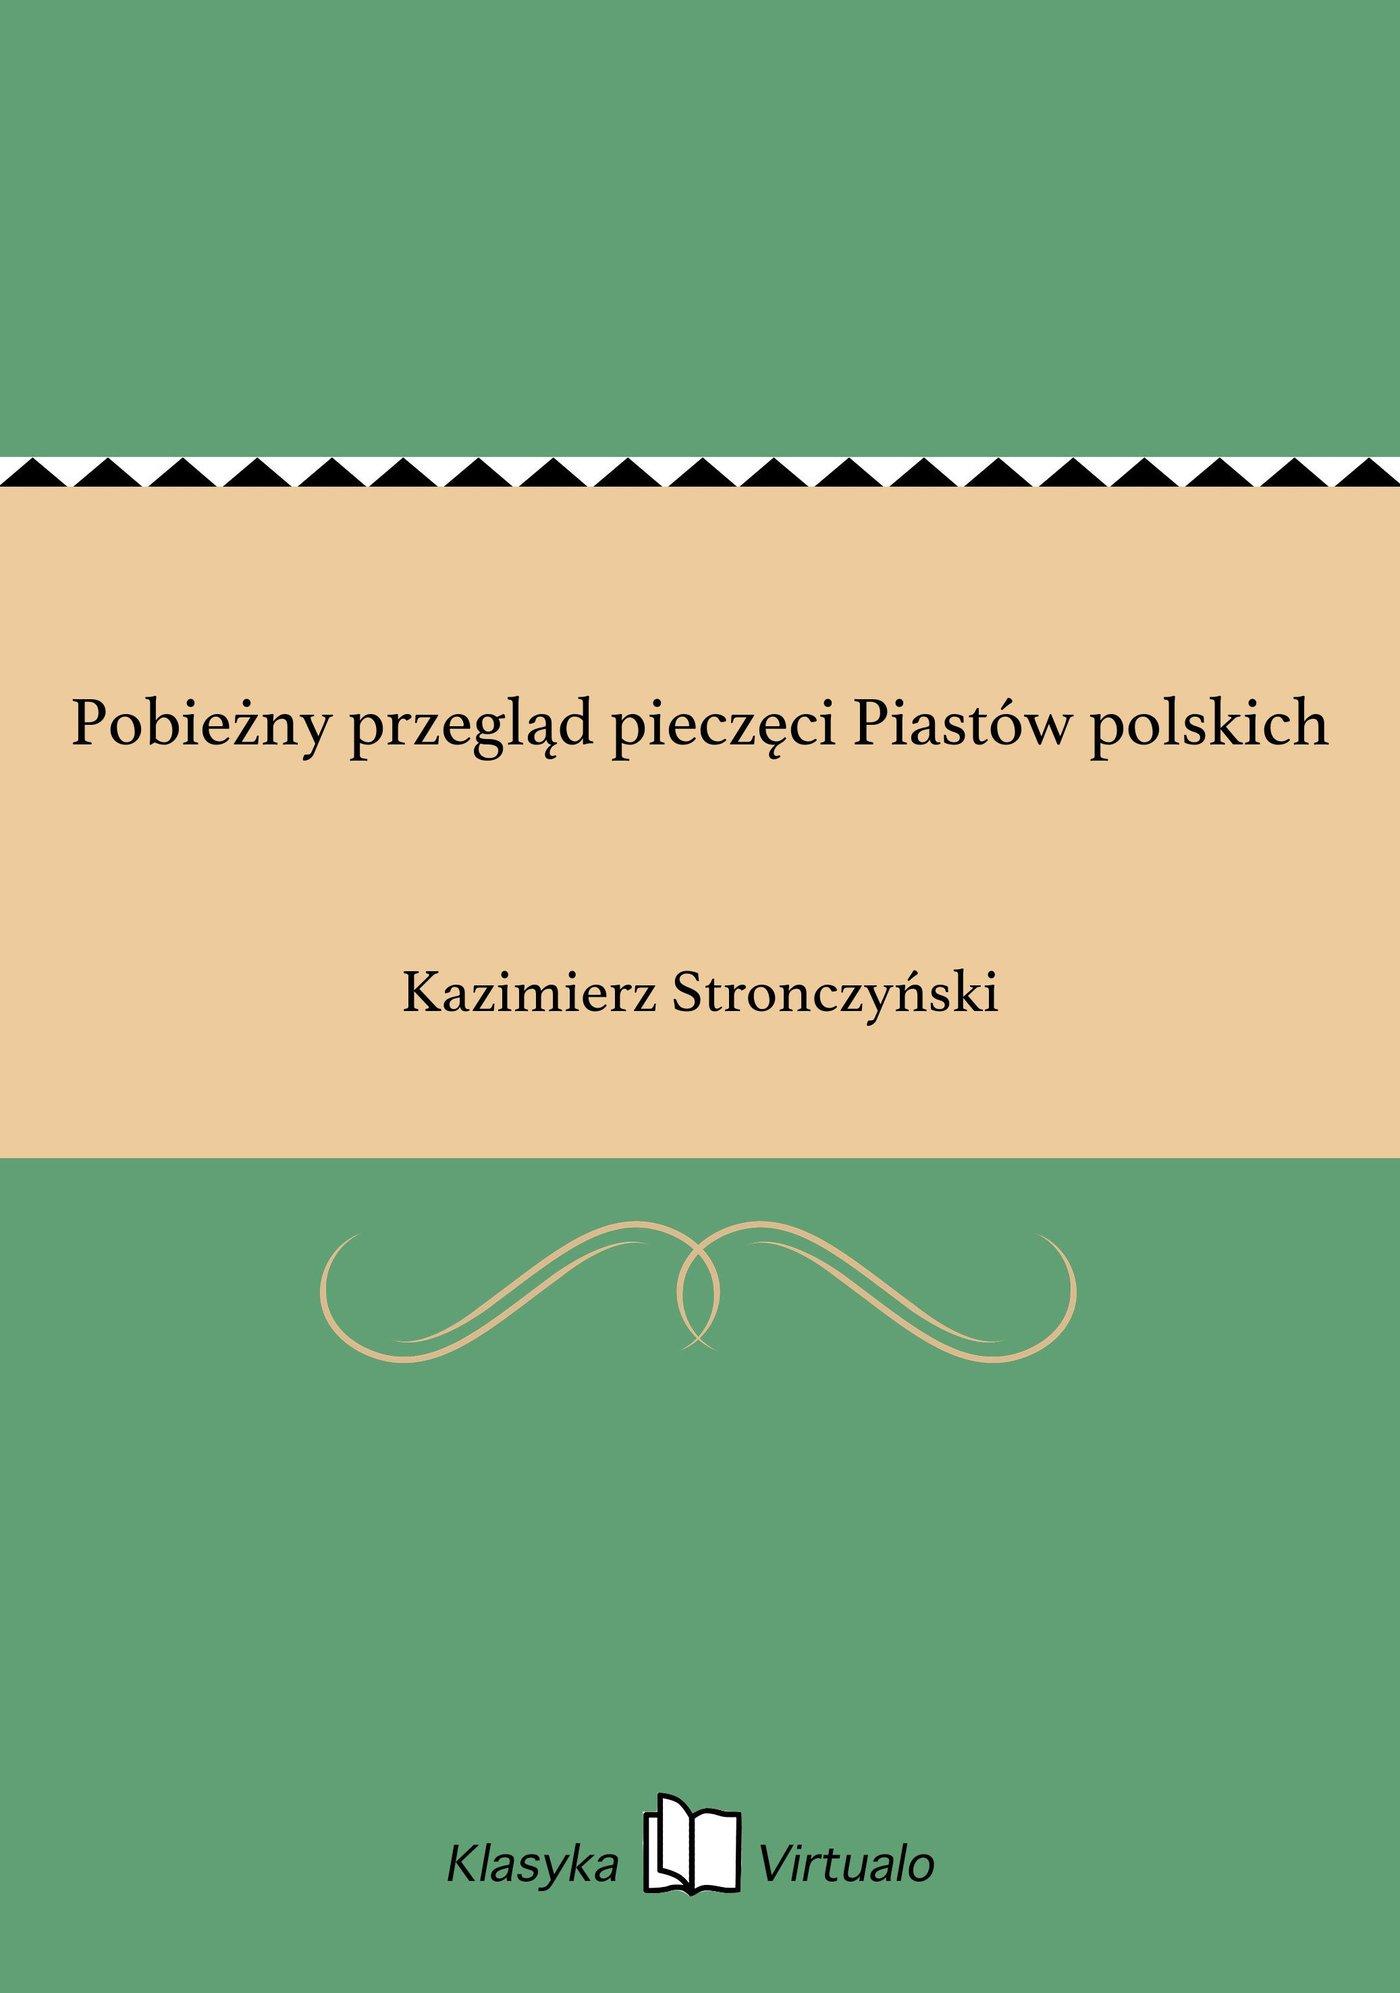 Pobieżny przegląd pieczęci Piastów polskich - Ebook (Książka EPUB) do pobrania w formacie EPUB